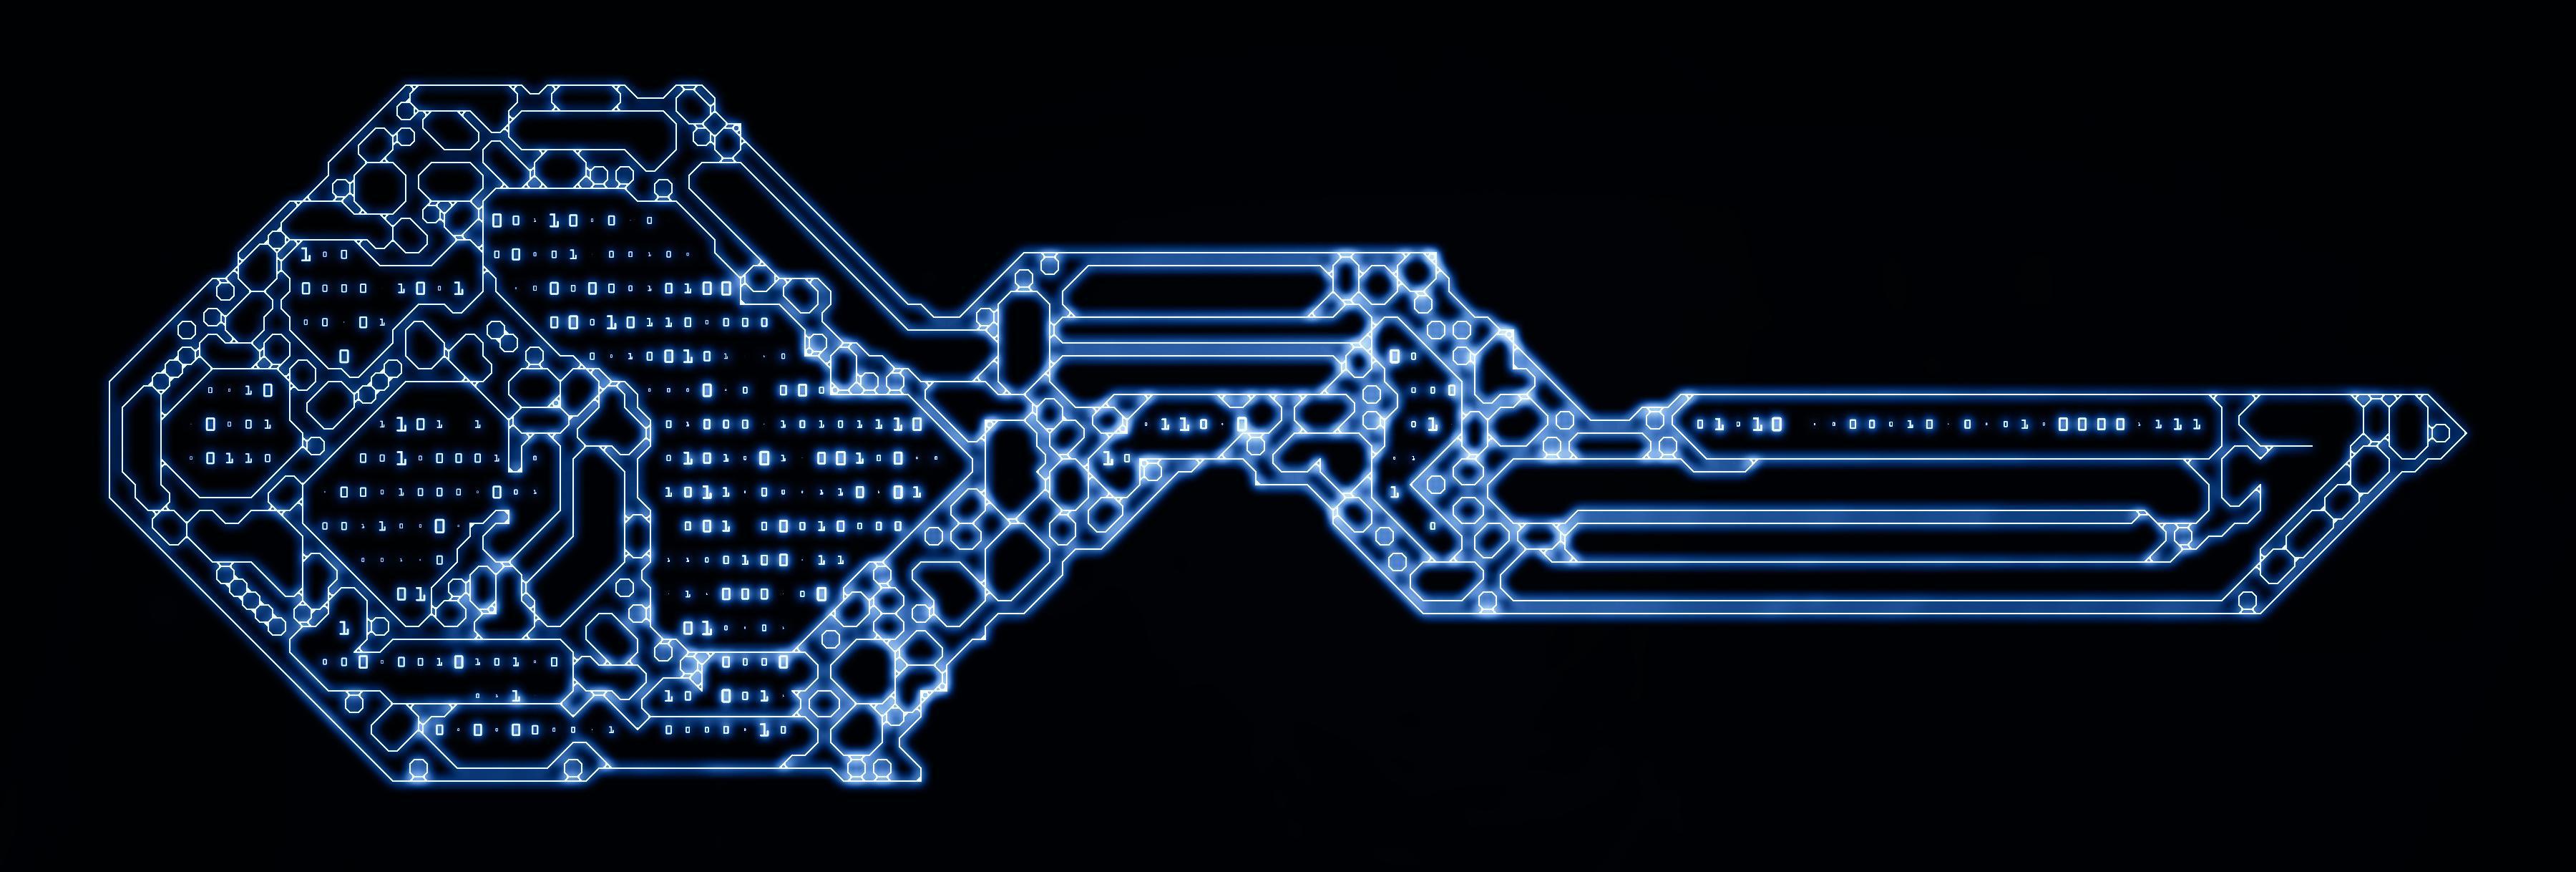 Digitale nøkler er særdeles sentralt innen krypteringen.Foto: Shutterstock